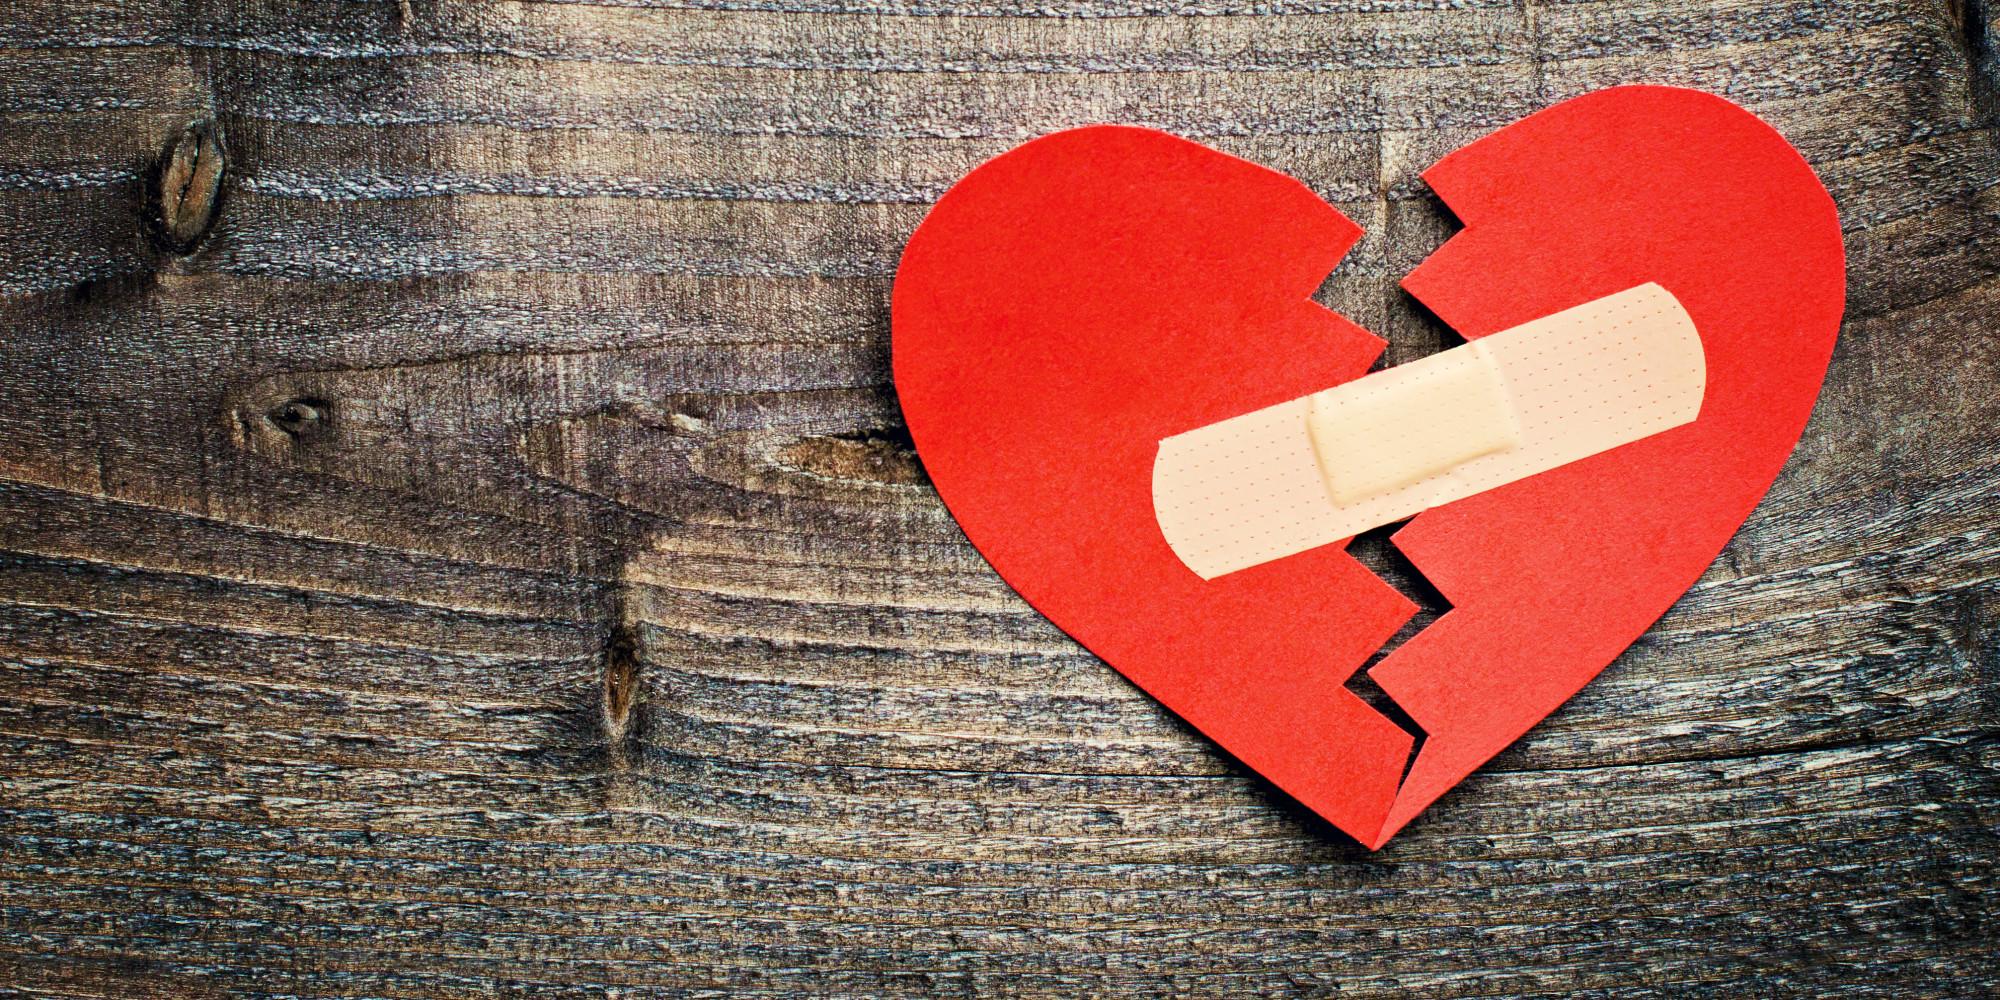 Broken Heart Girl Wallpapers For Facebook